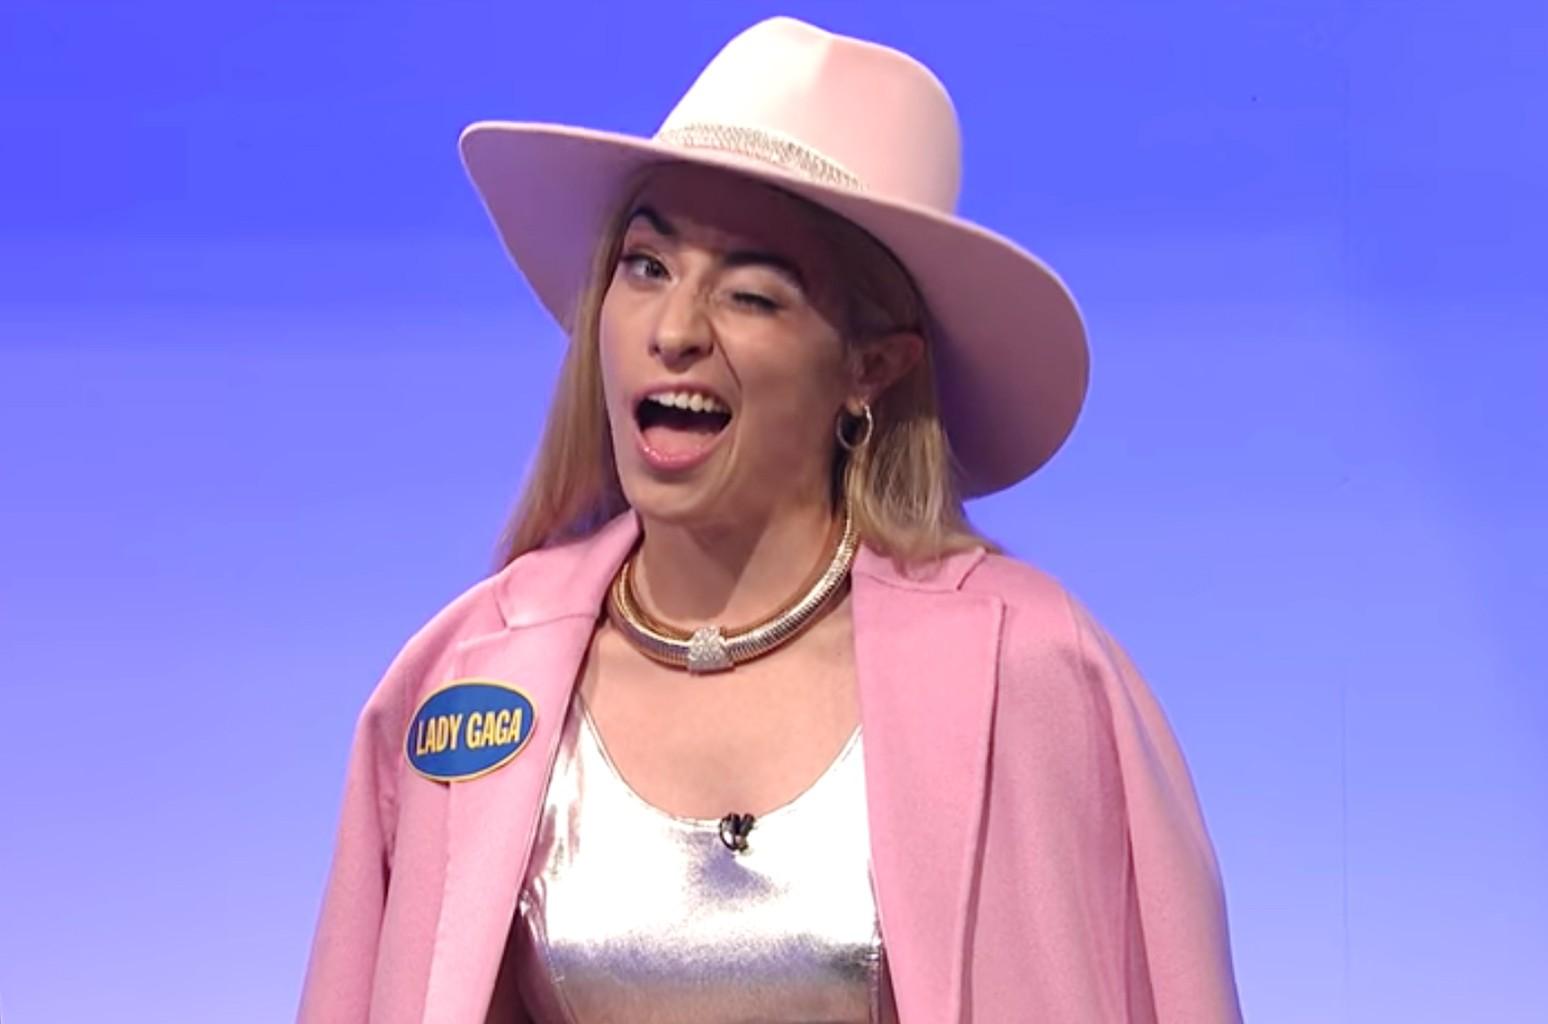 Melissa Villaseñor as Lady Gaga